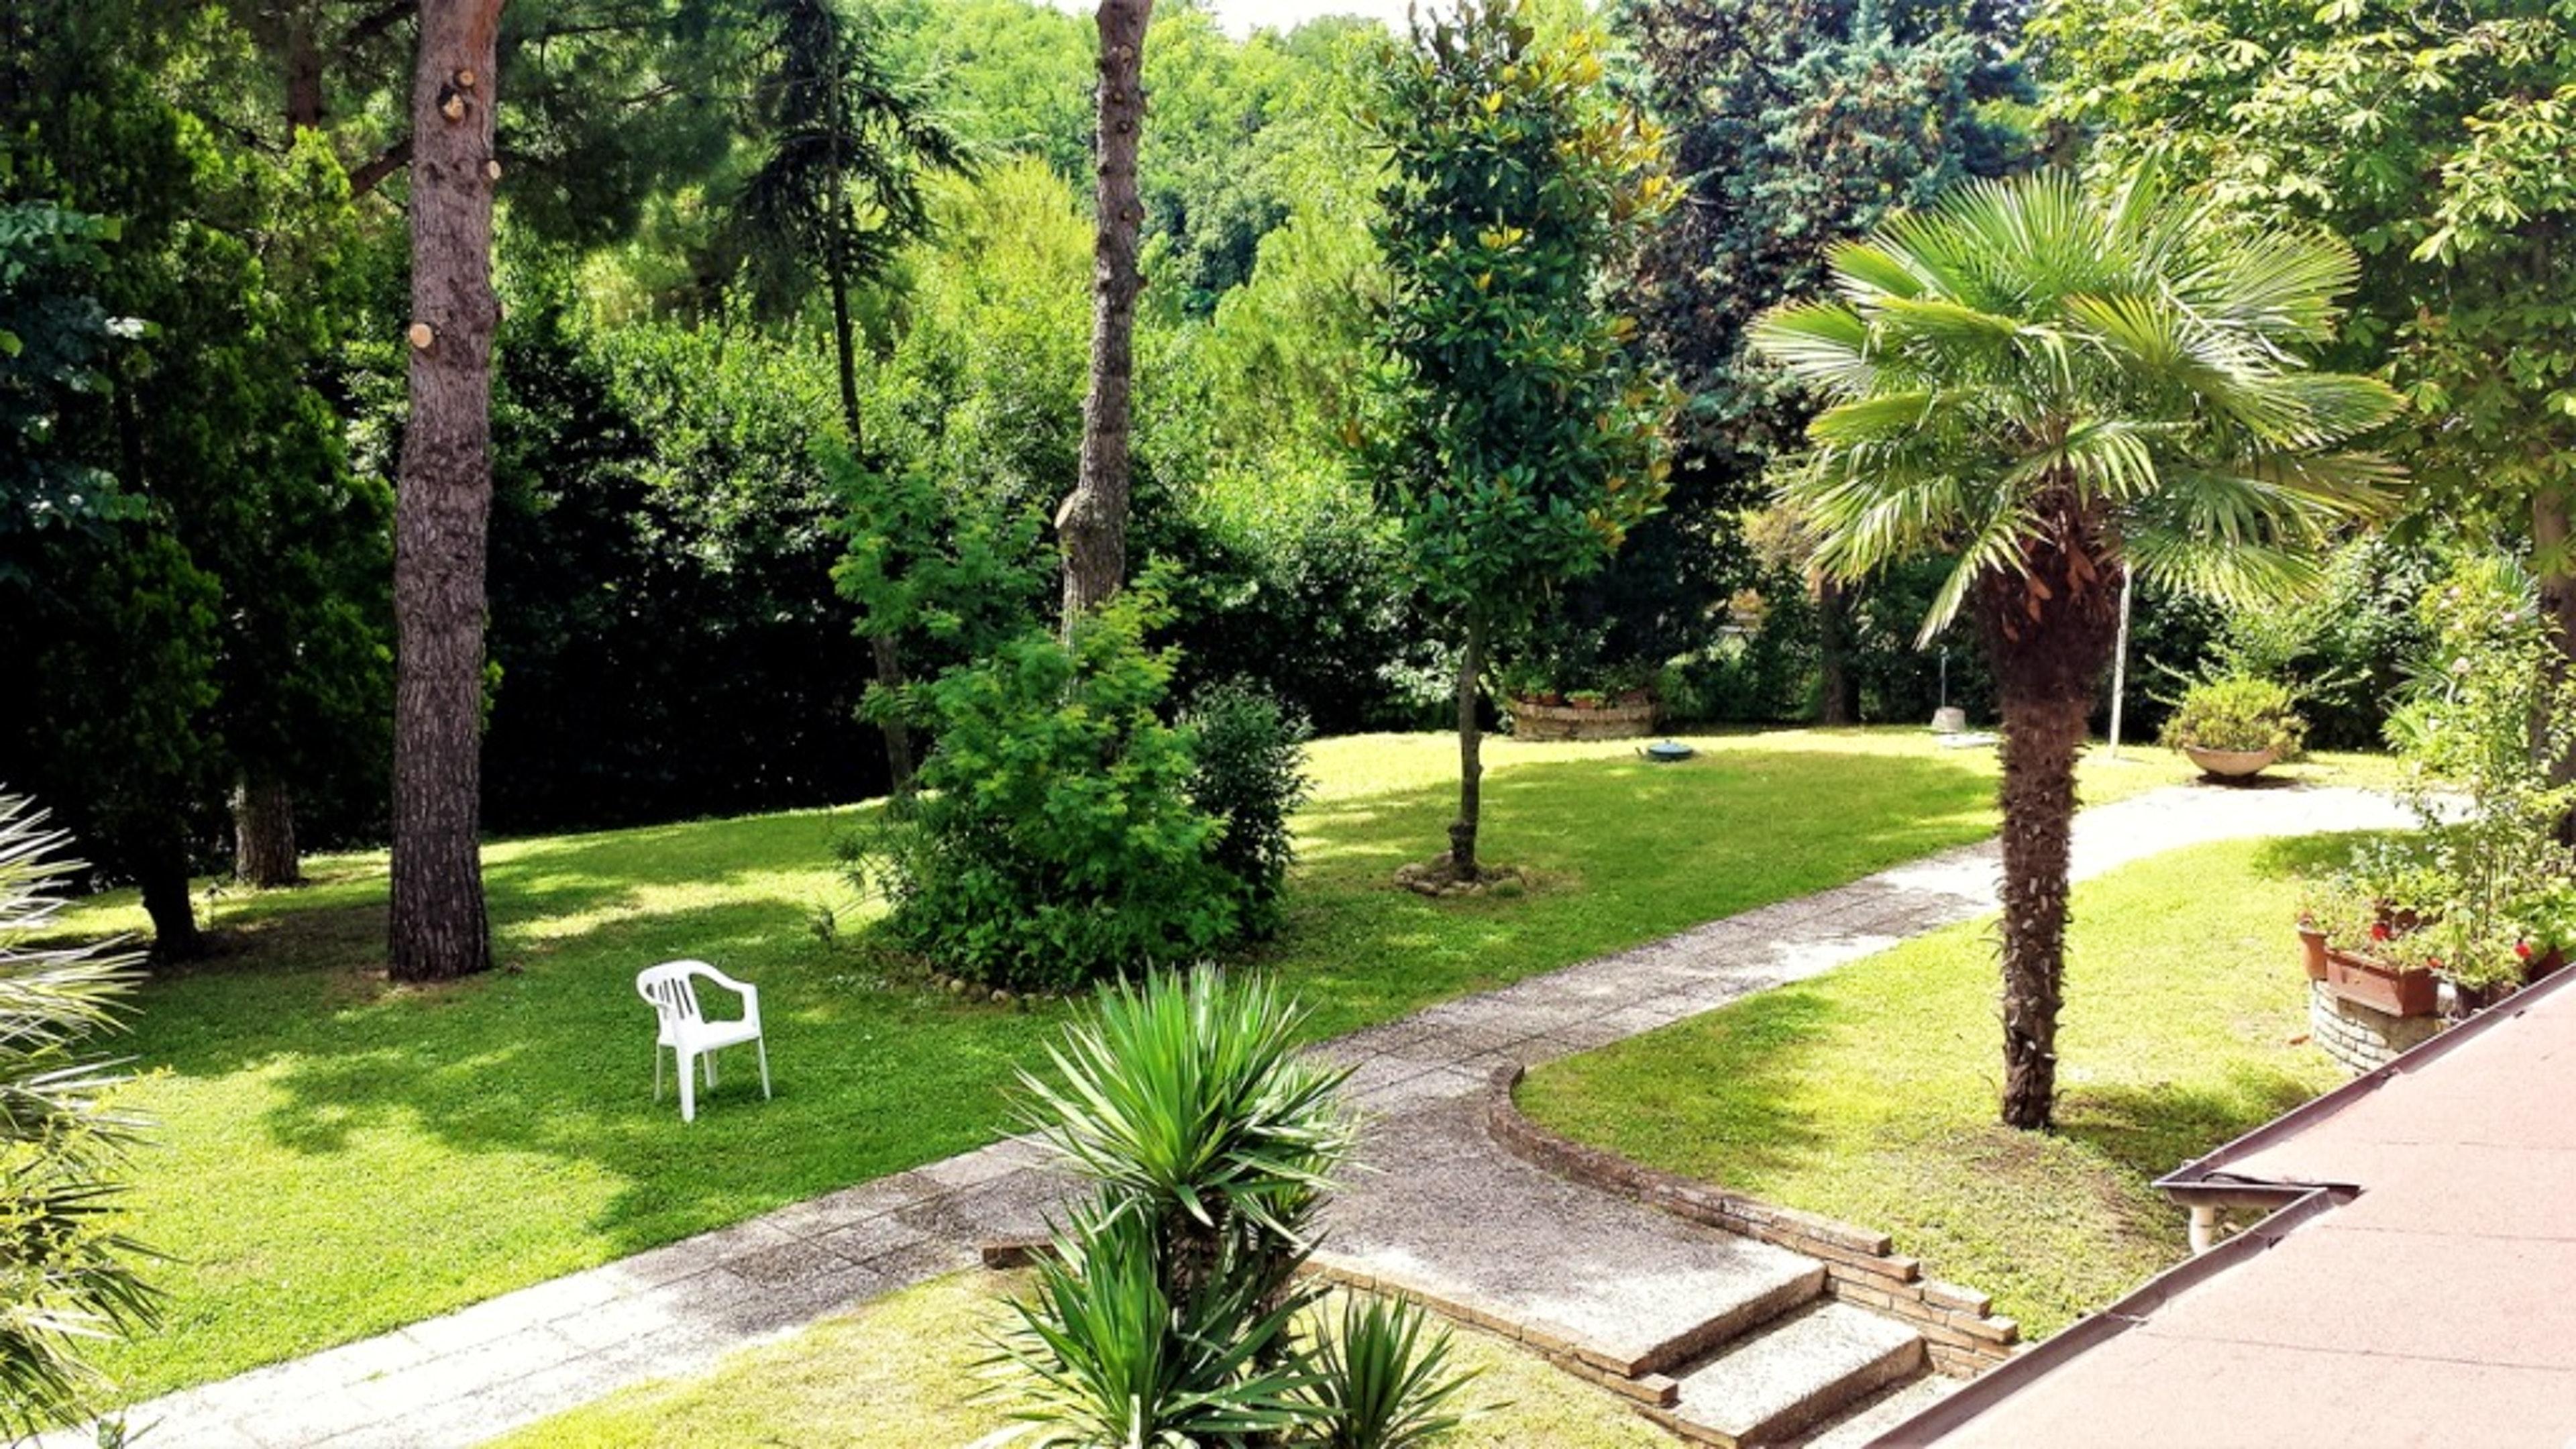 Ferienwohnung Wohnung mit 3 Schlafzimmern in Pesaro mit Pool, eingezäuntem Garten und W-LAN - 4 km vom S (2339355), Pesaro, Pesaro und Urbino, Marken, Italien, Bild 18